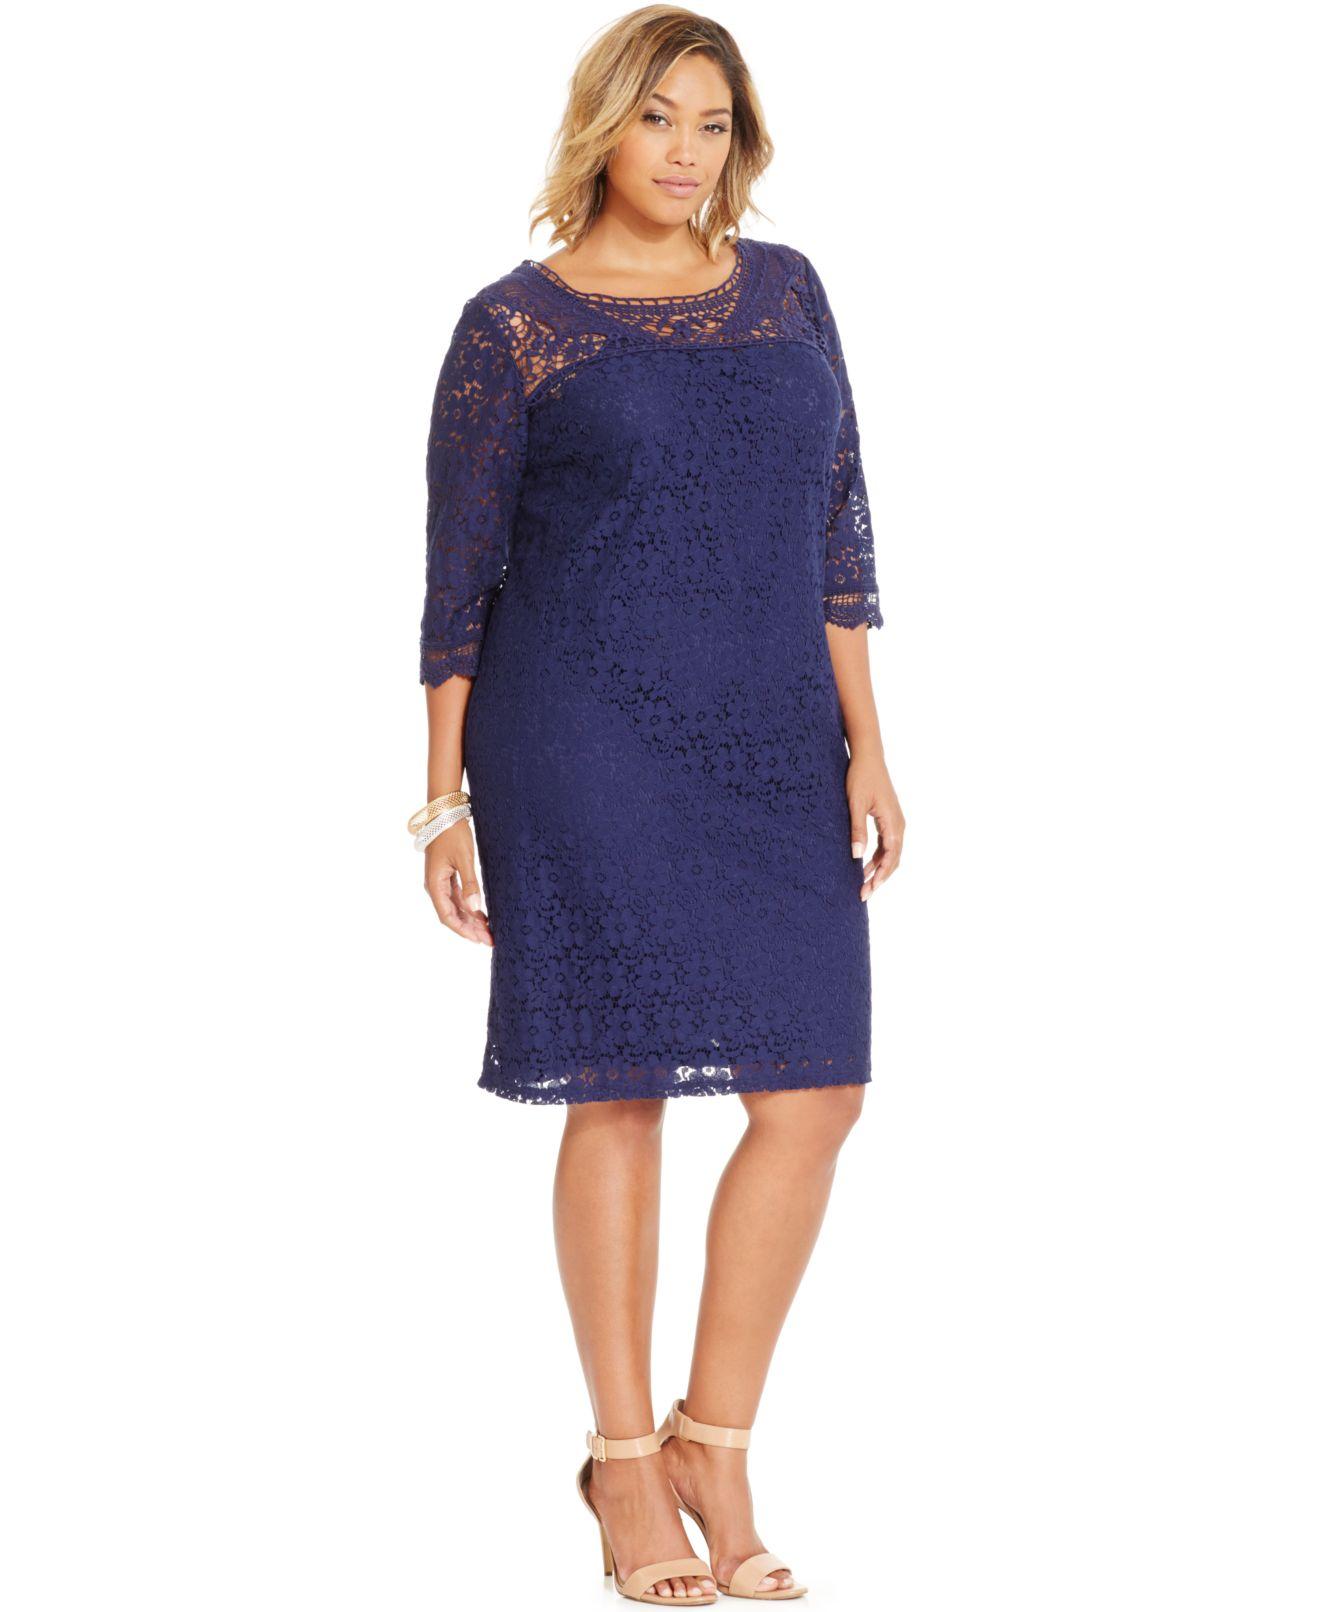 macy's evening dresses plus size - boutique prom dresses